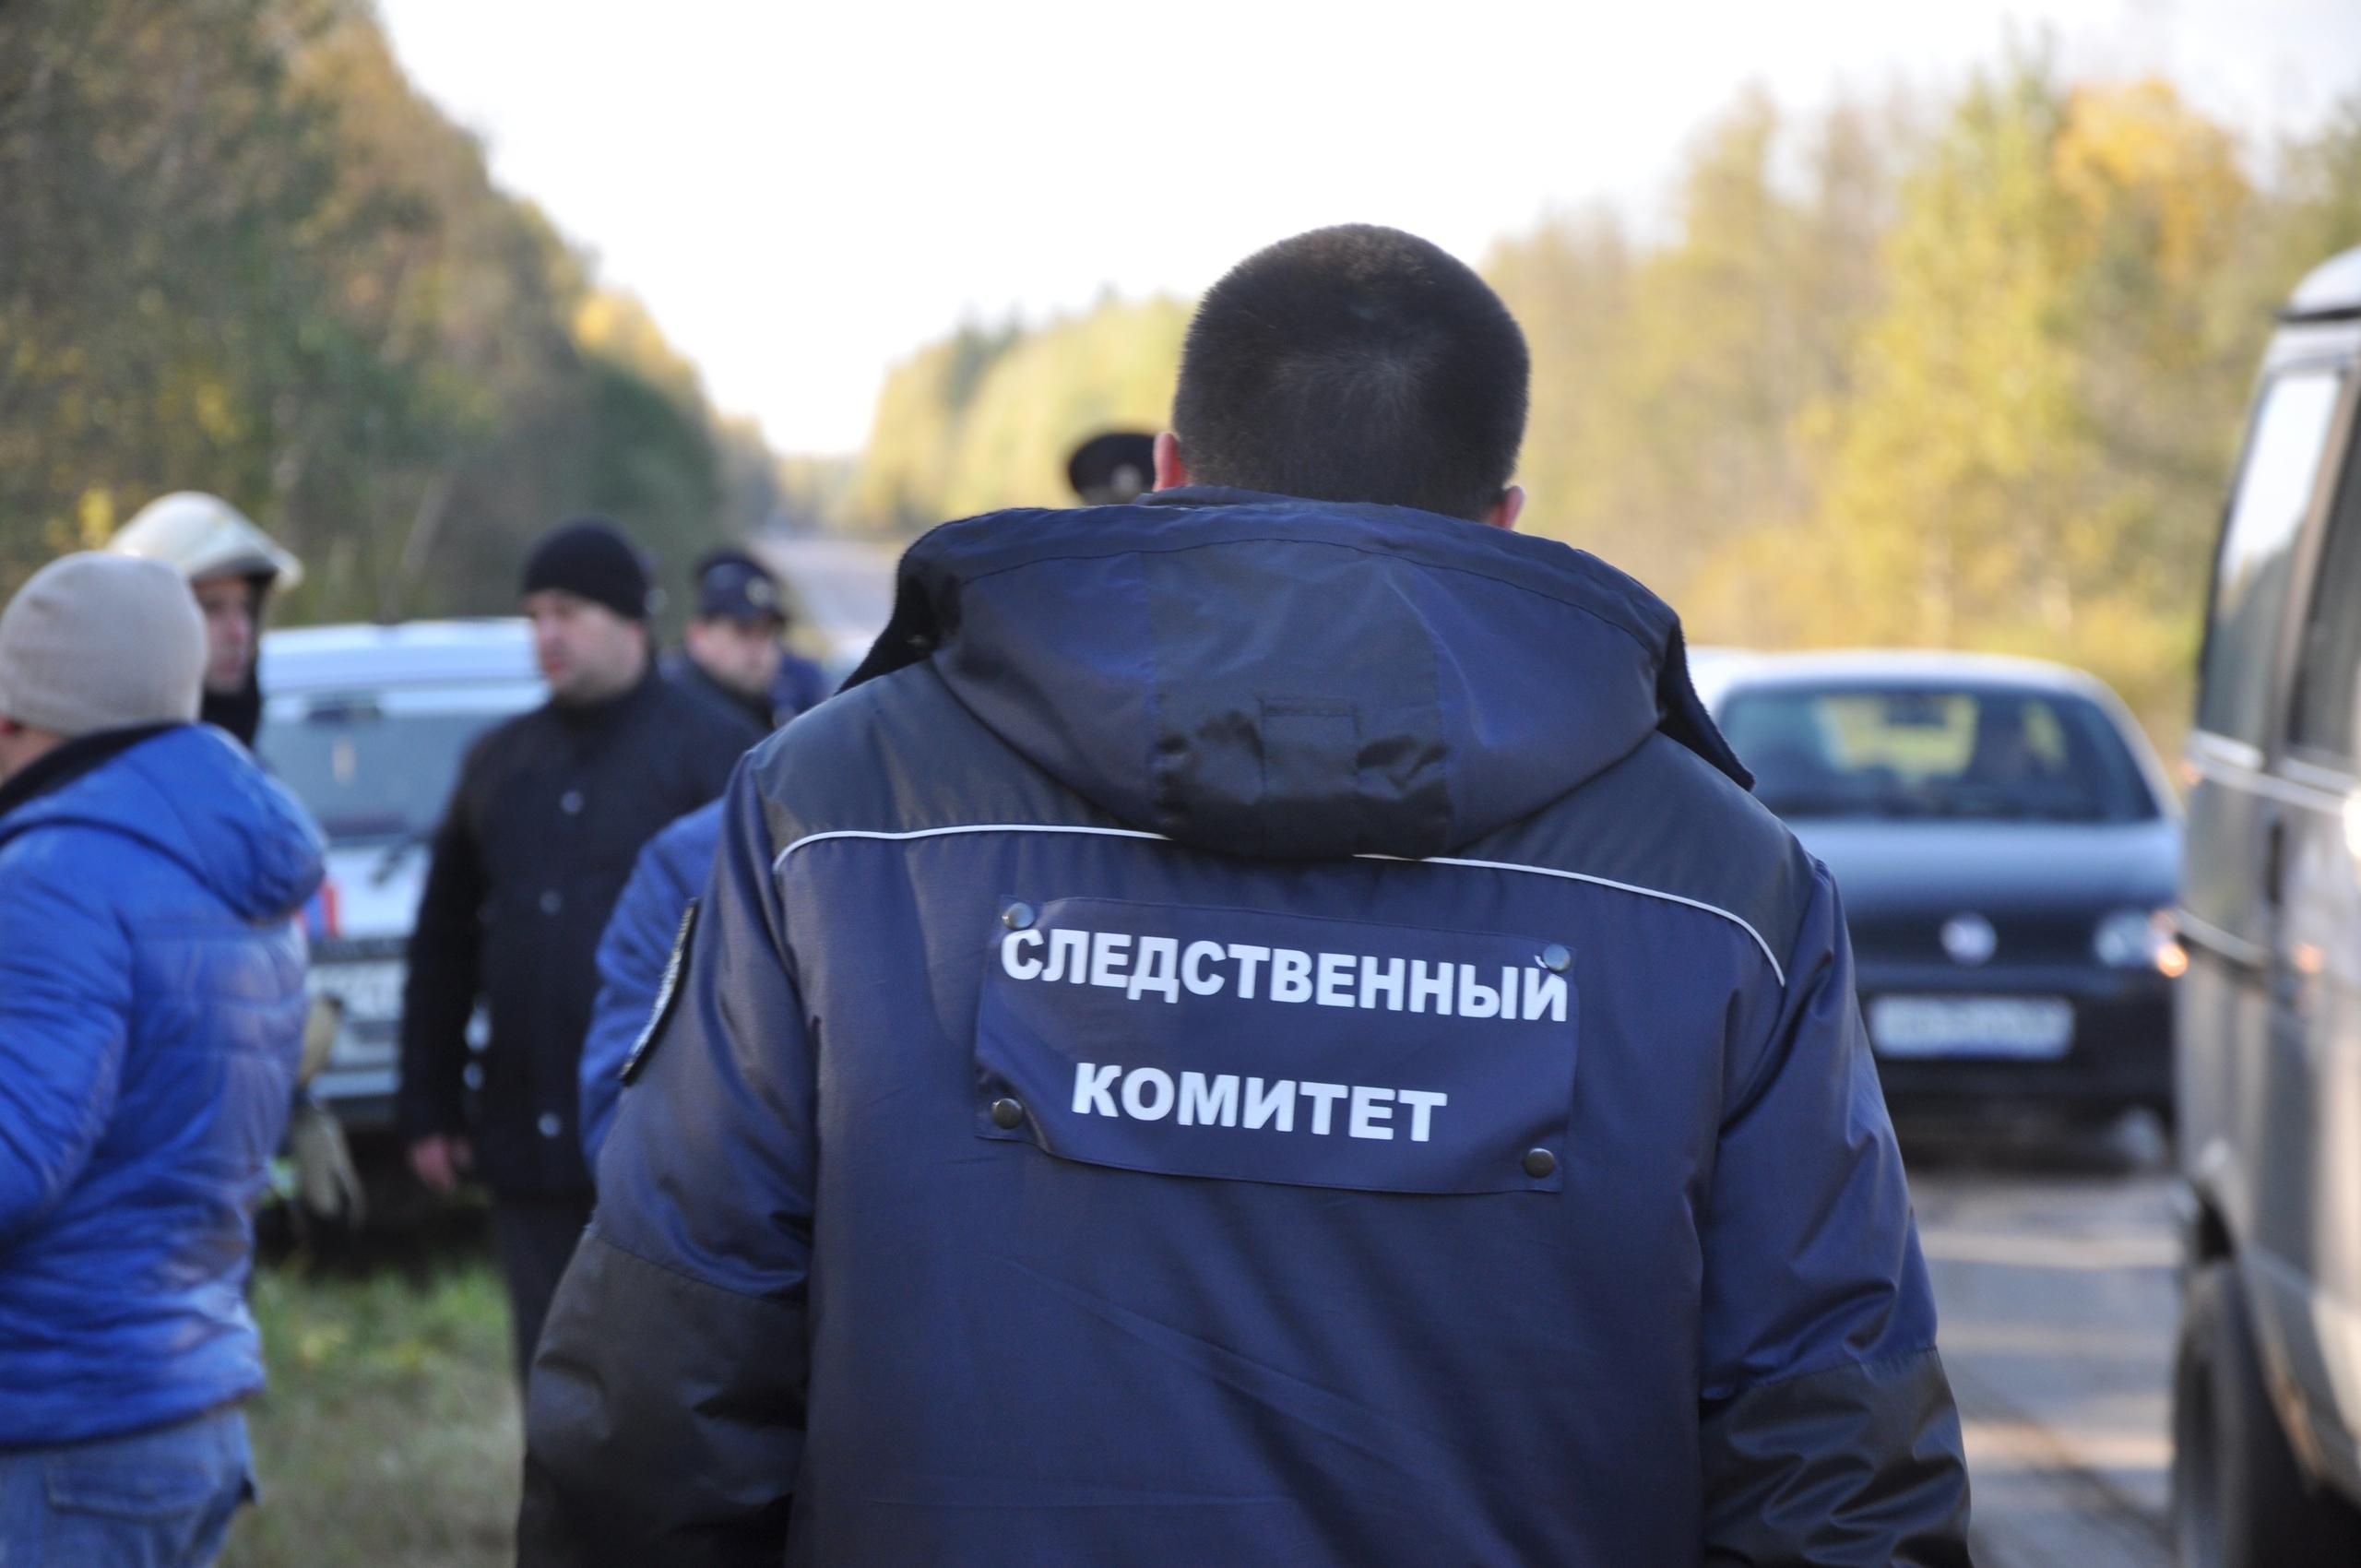 Следственный комитет Тверской области проводит проверку после ДТП с автобусом, в котором пострадали 10 человек - новости Афанасий